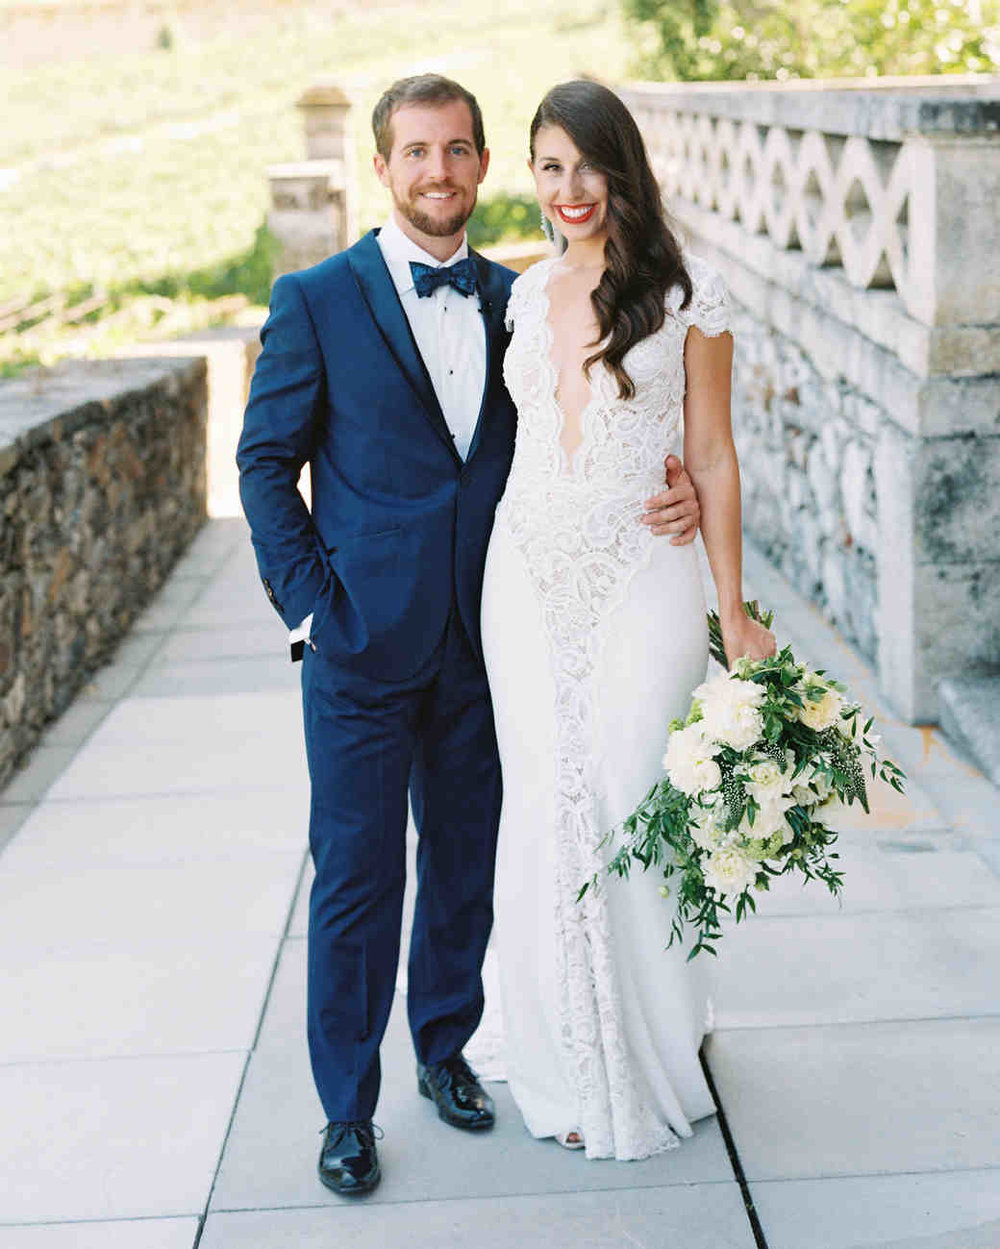 jeannette-taylor-wedding-portugal-couple-103105714_vert.jpg